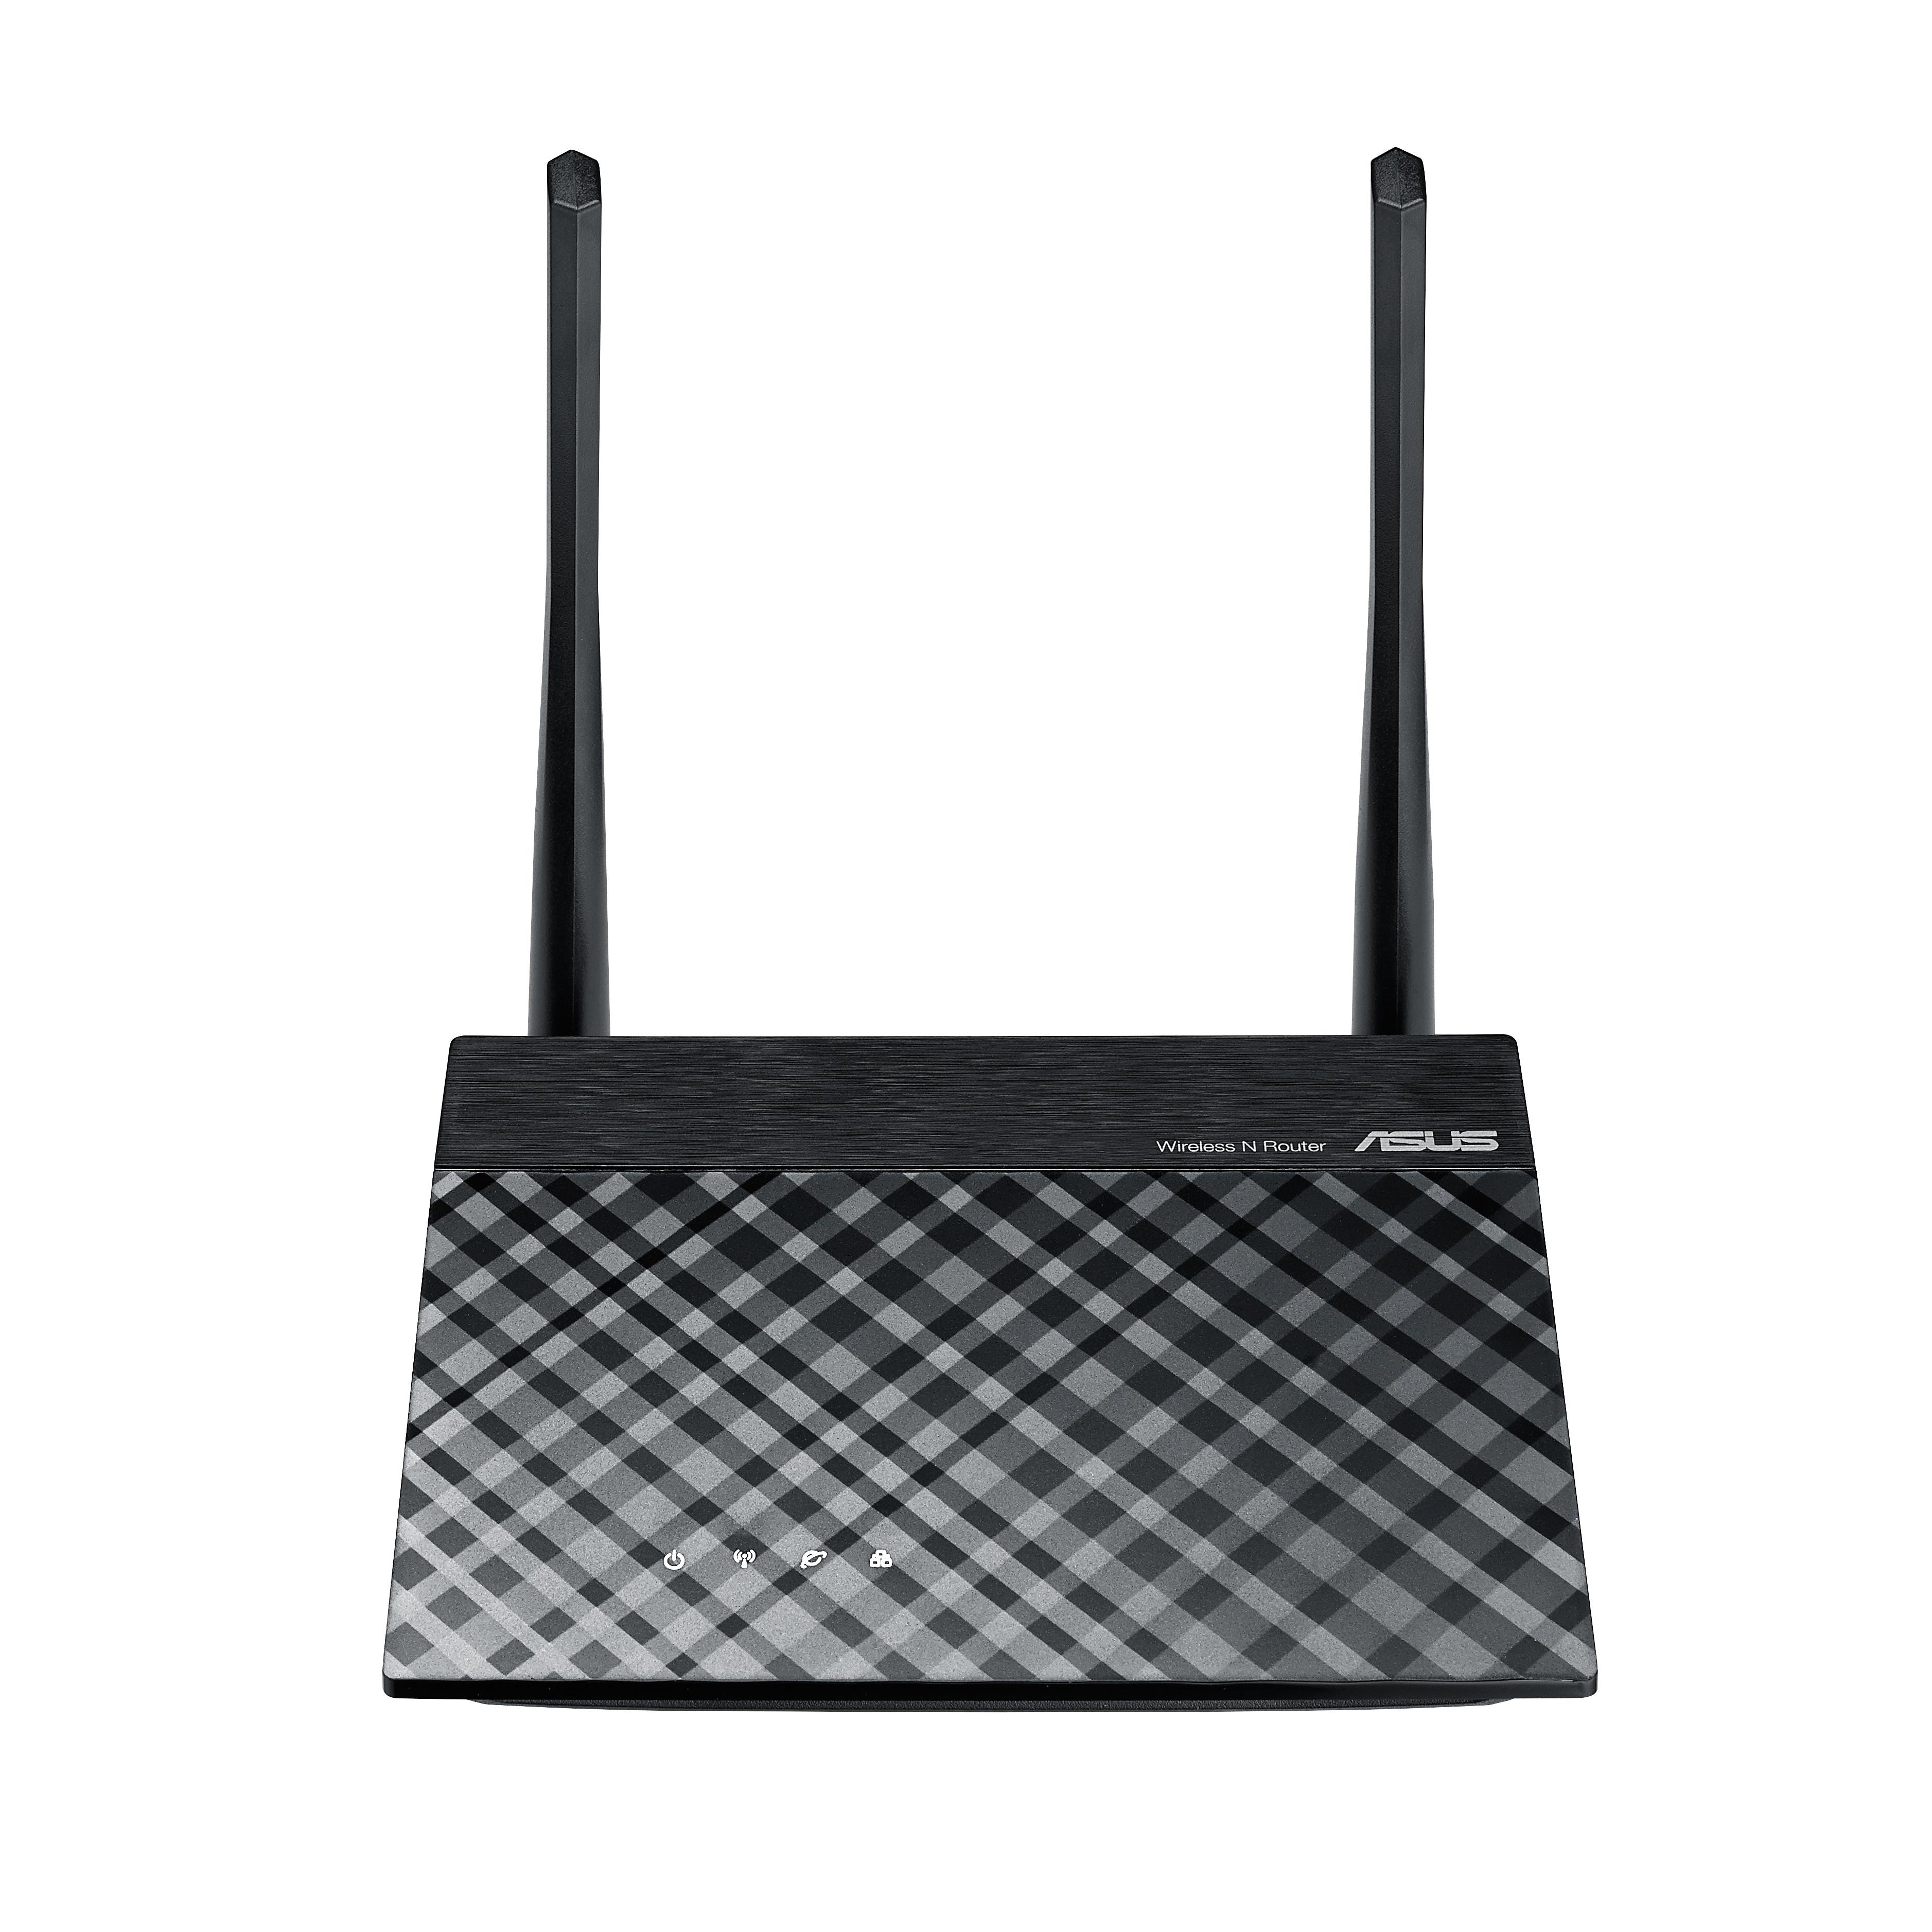 ASUS RT-N12E C1N300 router/RP/AP 2x5dbi,4xSSID,VPN